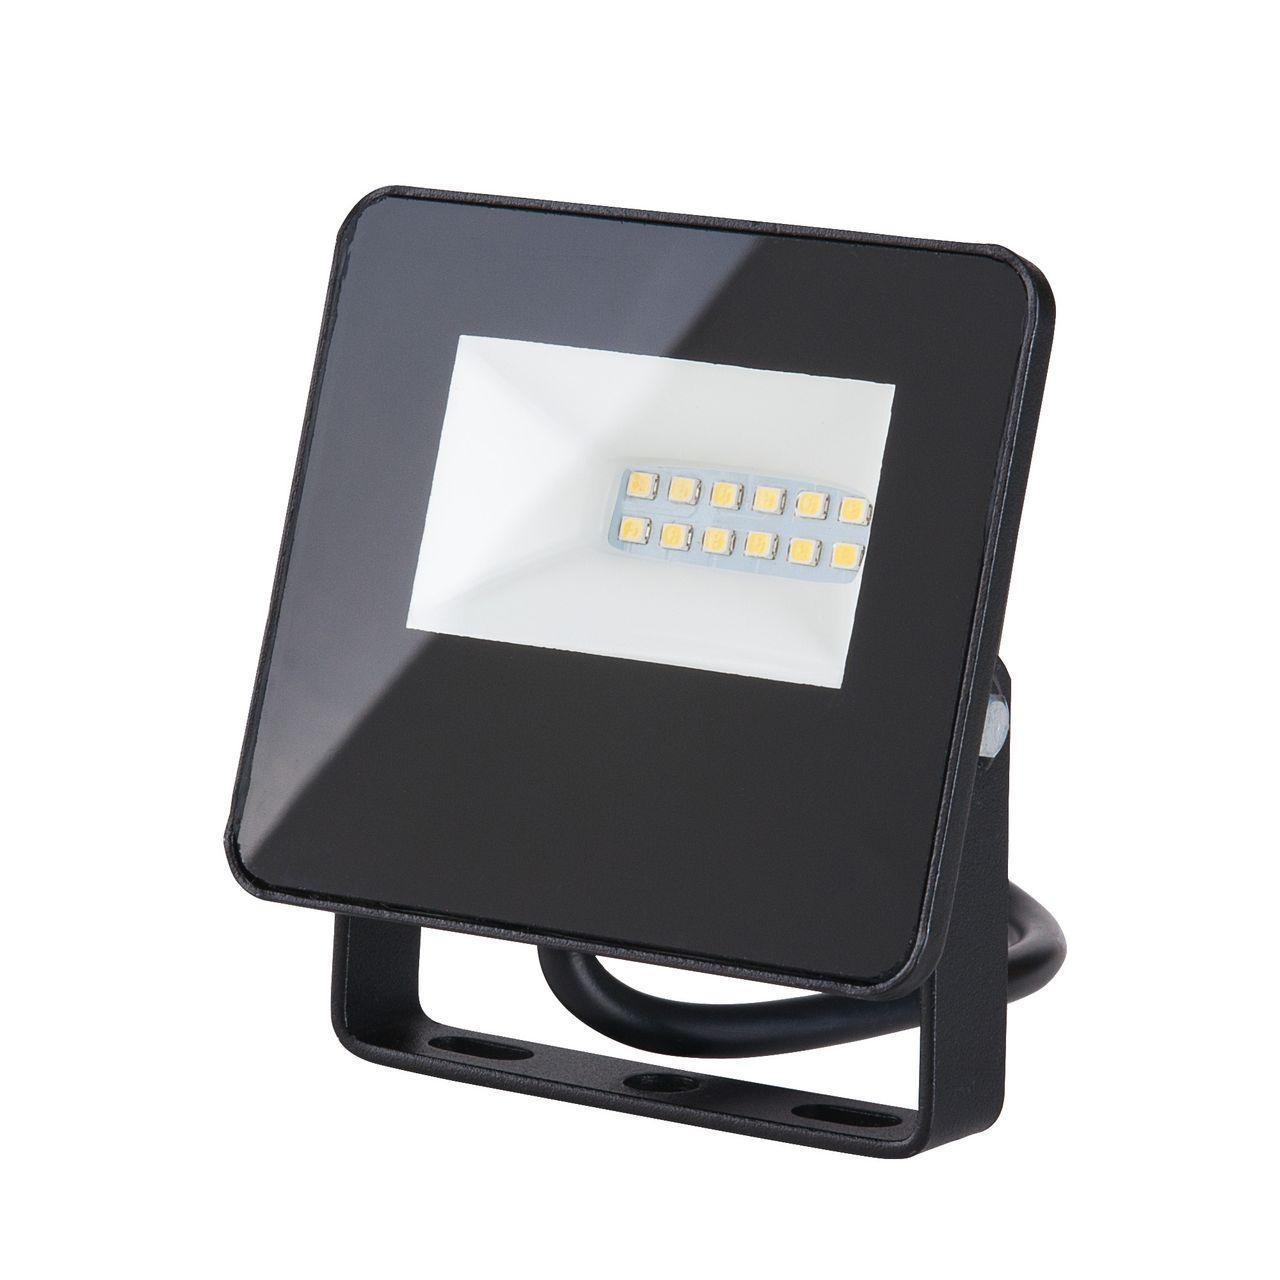 Прожектор Elektrostandard 4690389126819, 10 Вт elektrostandart прожектор прожектор с датчиком 003 fl led 30w 6500k ip44